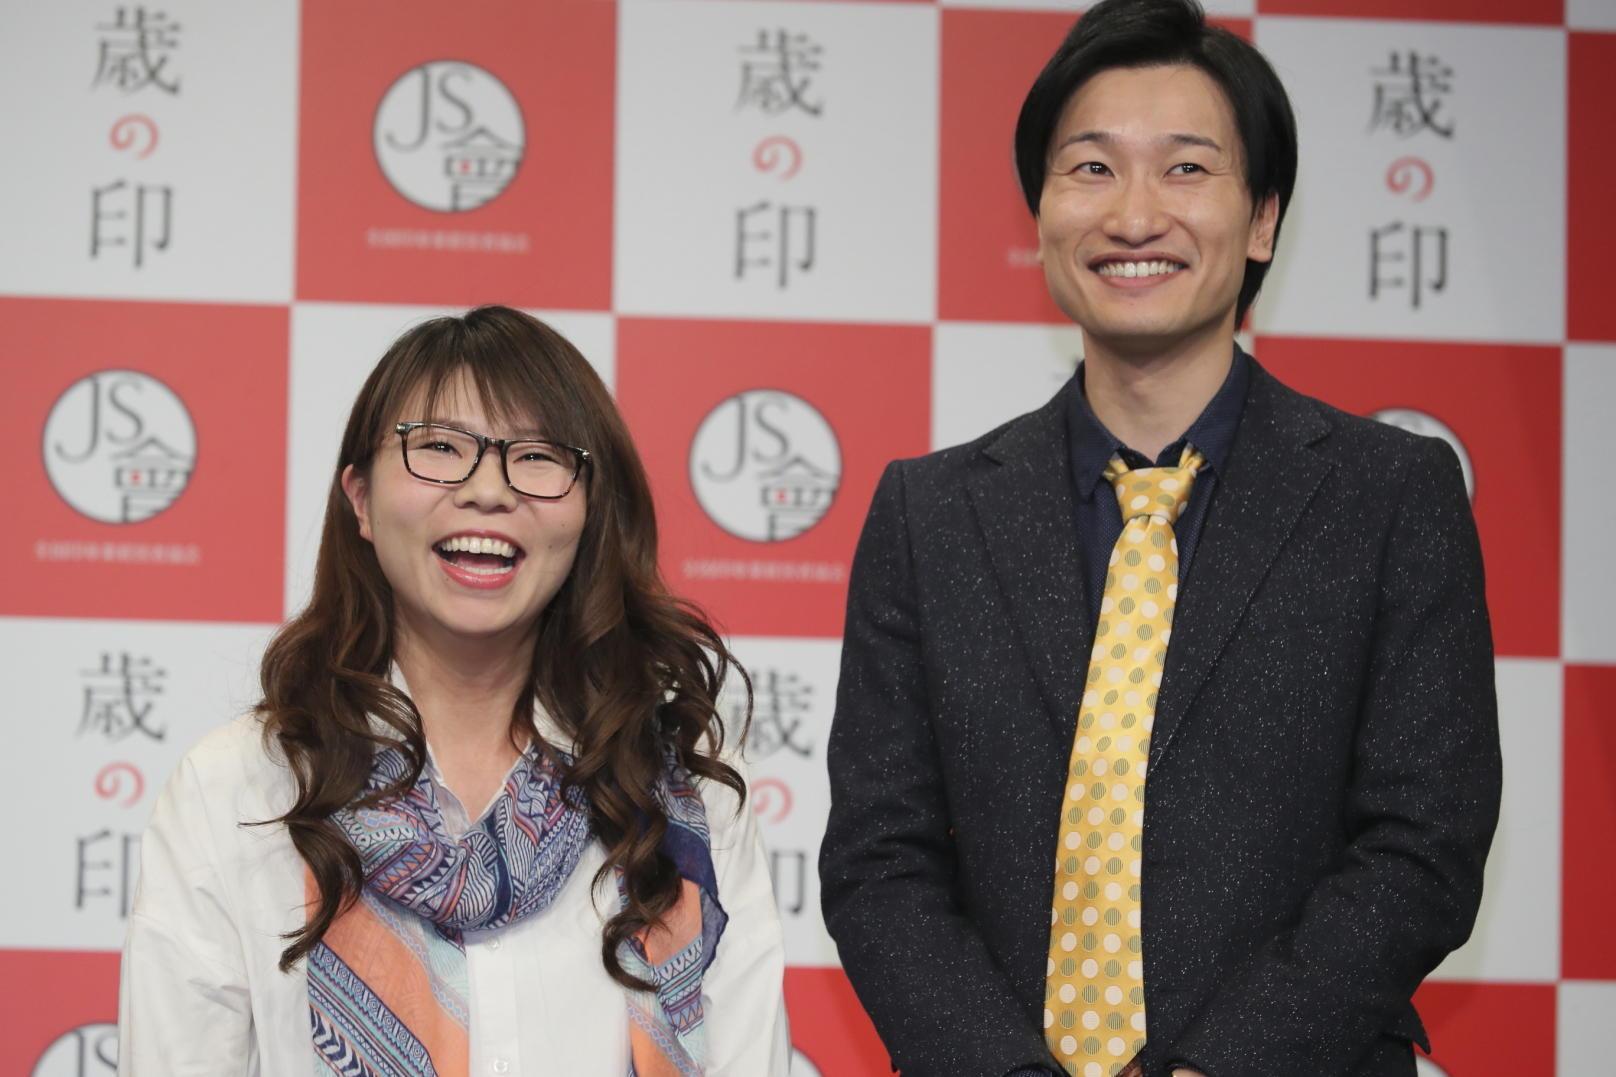 http://news.yoshimoto.co.jp/20171204171850-51a8eef2d8b5ec88cd5d17e42a02c402a20ba36b.jpg